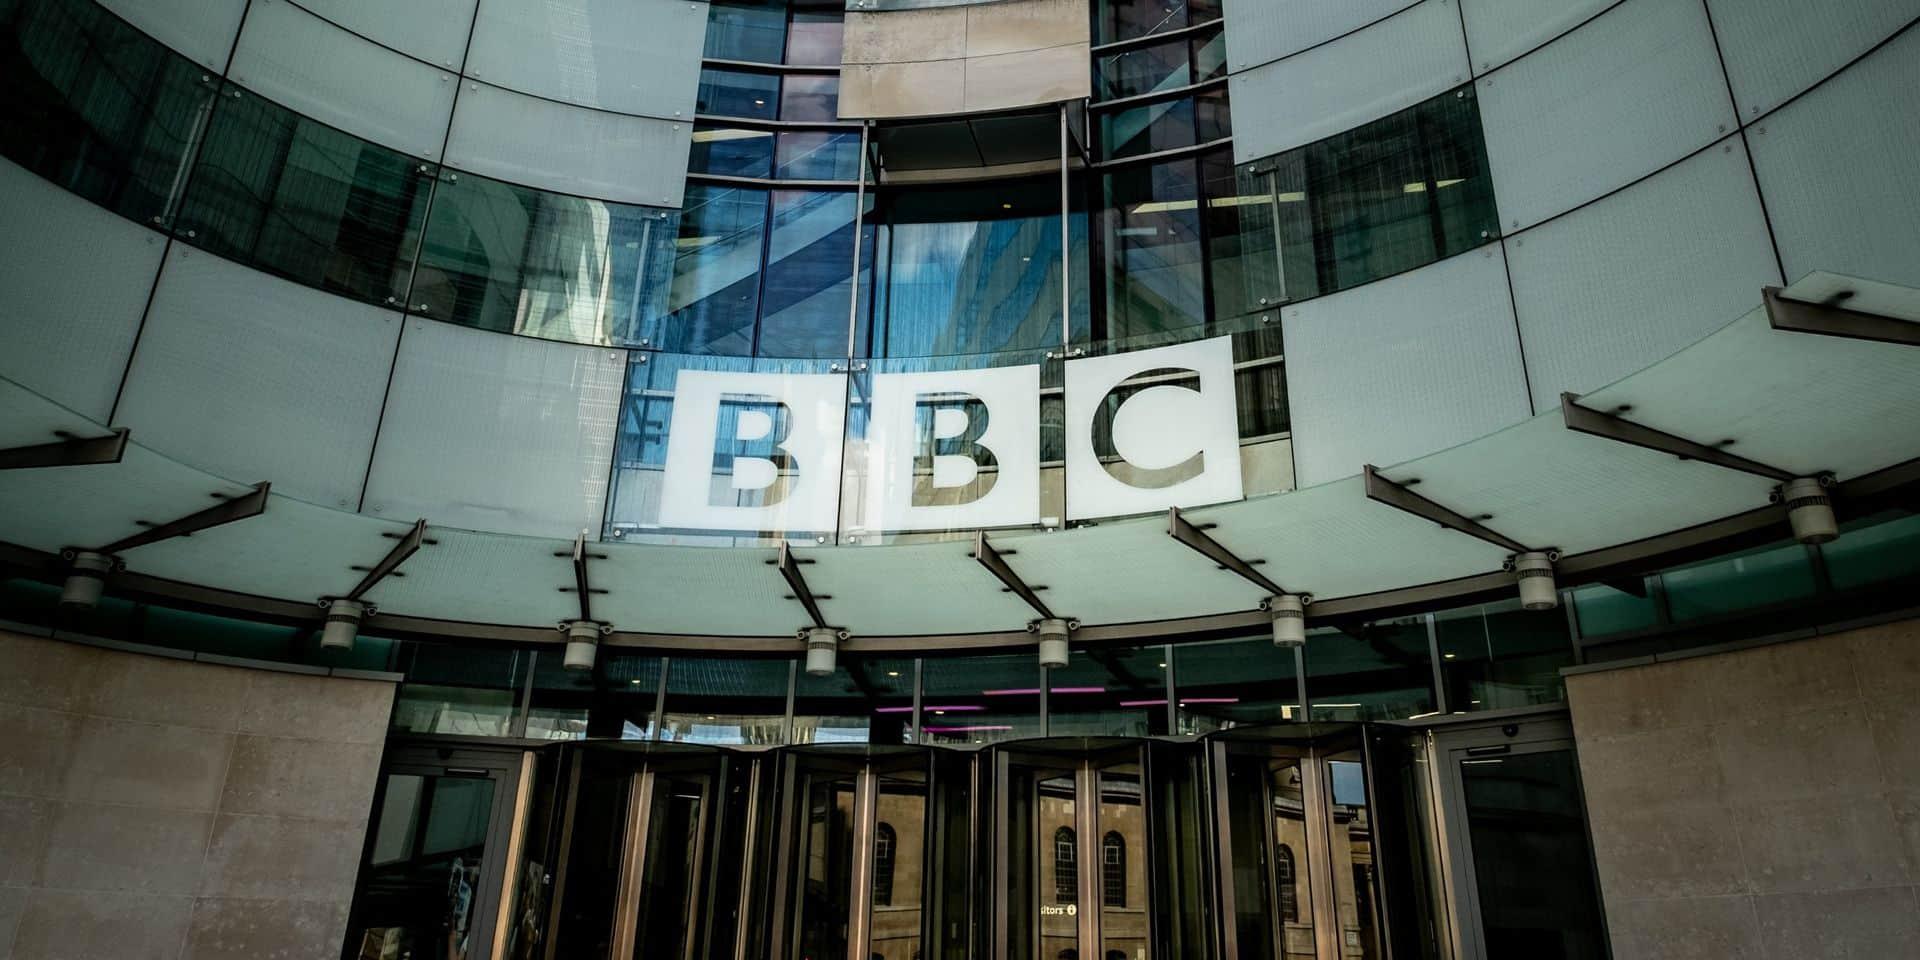 La BBC va supprimer 450 emplois pour réduire ses coûts